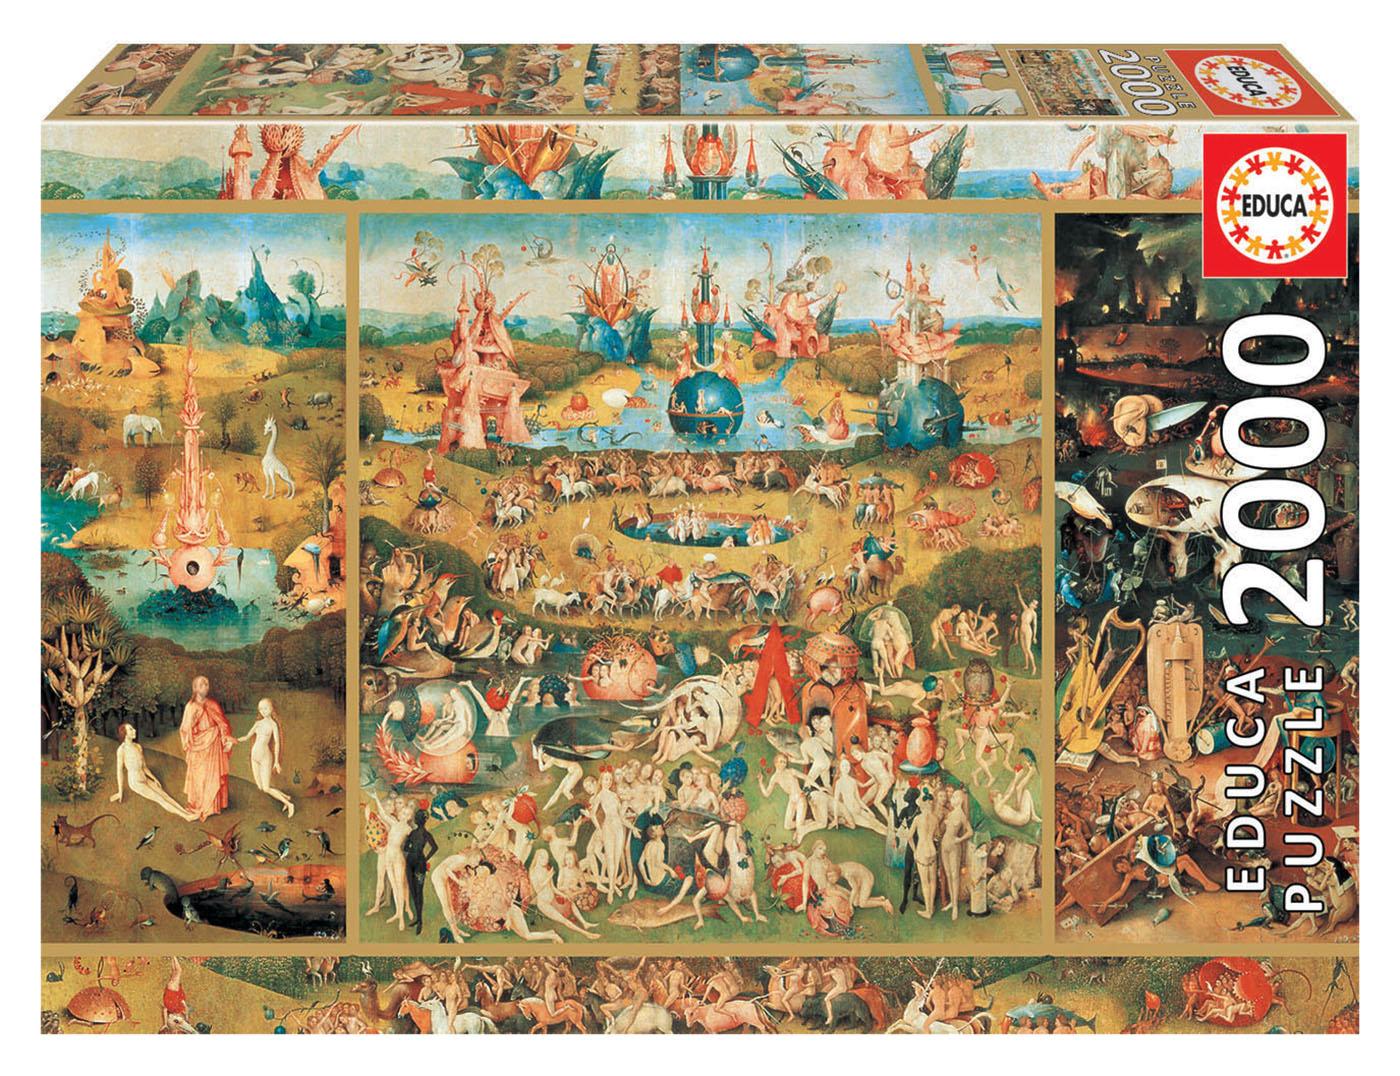 2000 El Jardín de las delicias